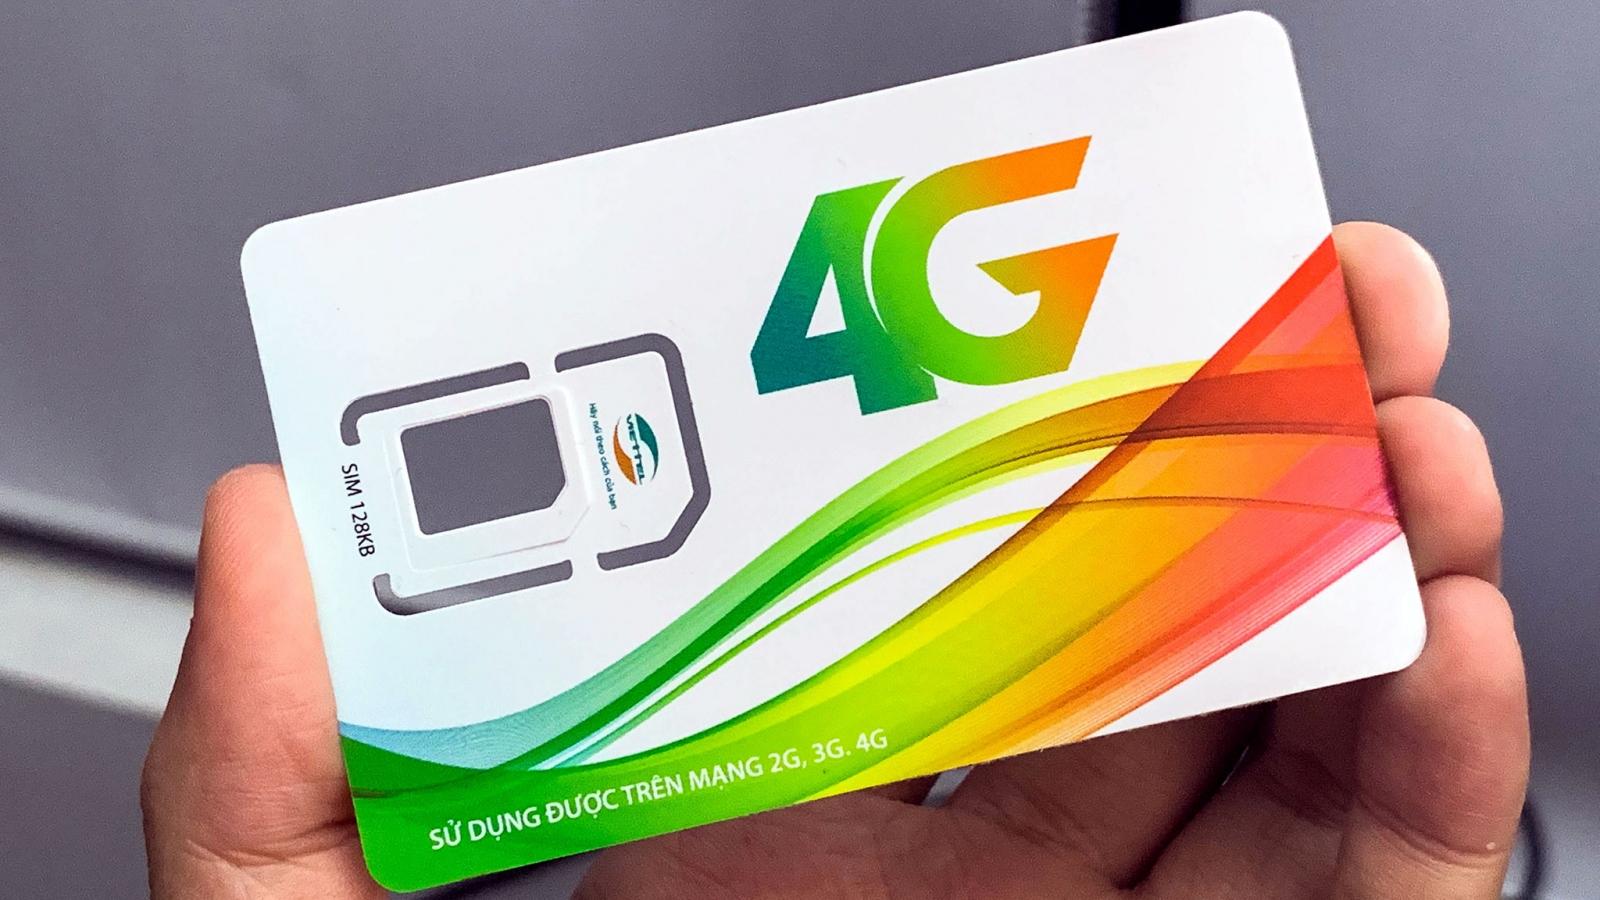 Cảnh báo chiêu lừa đảo nâng cấp sim 3G lên 4G để chiếm đoạn tiền